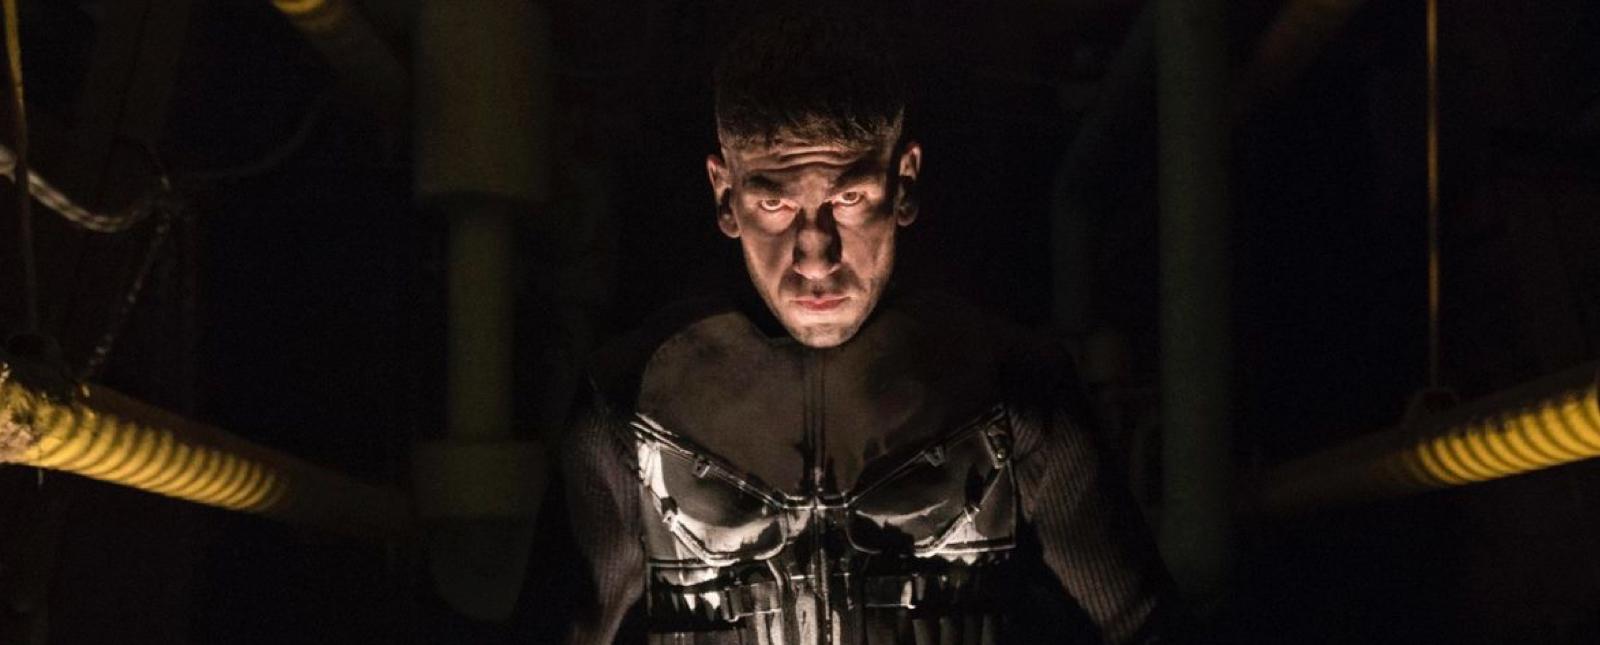 Teorías de lo que ocurrirá en la nueva temporada de The Punisher